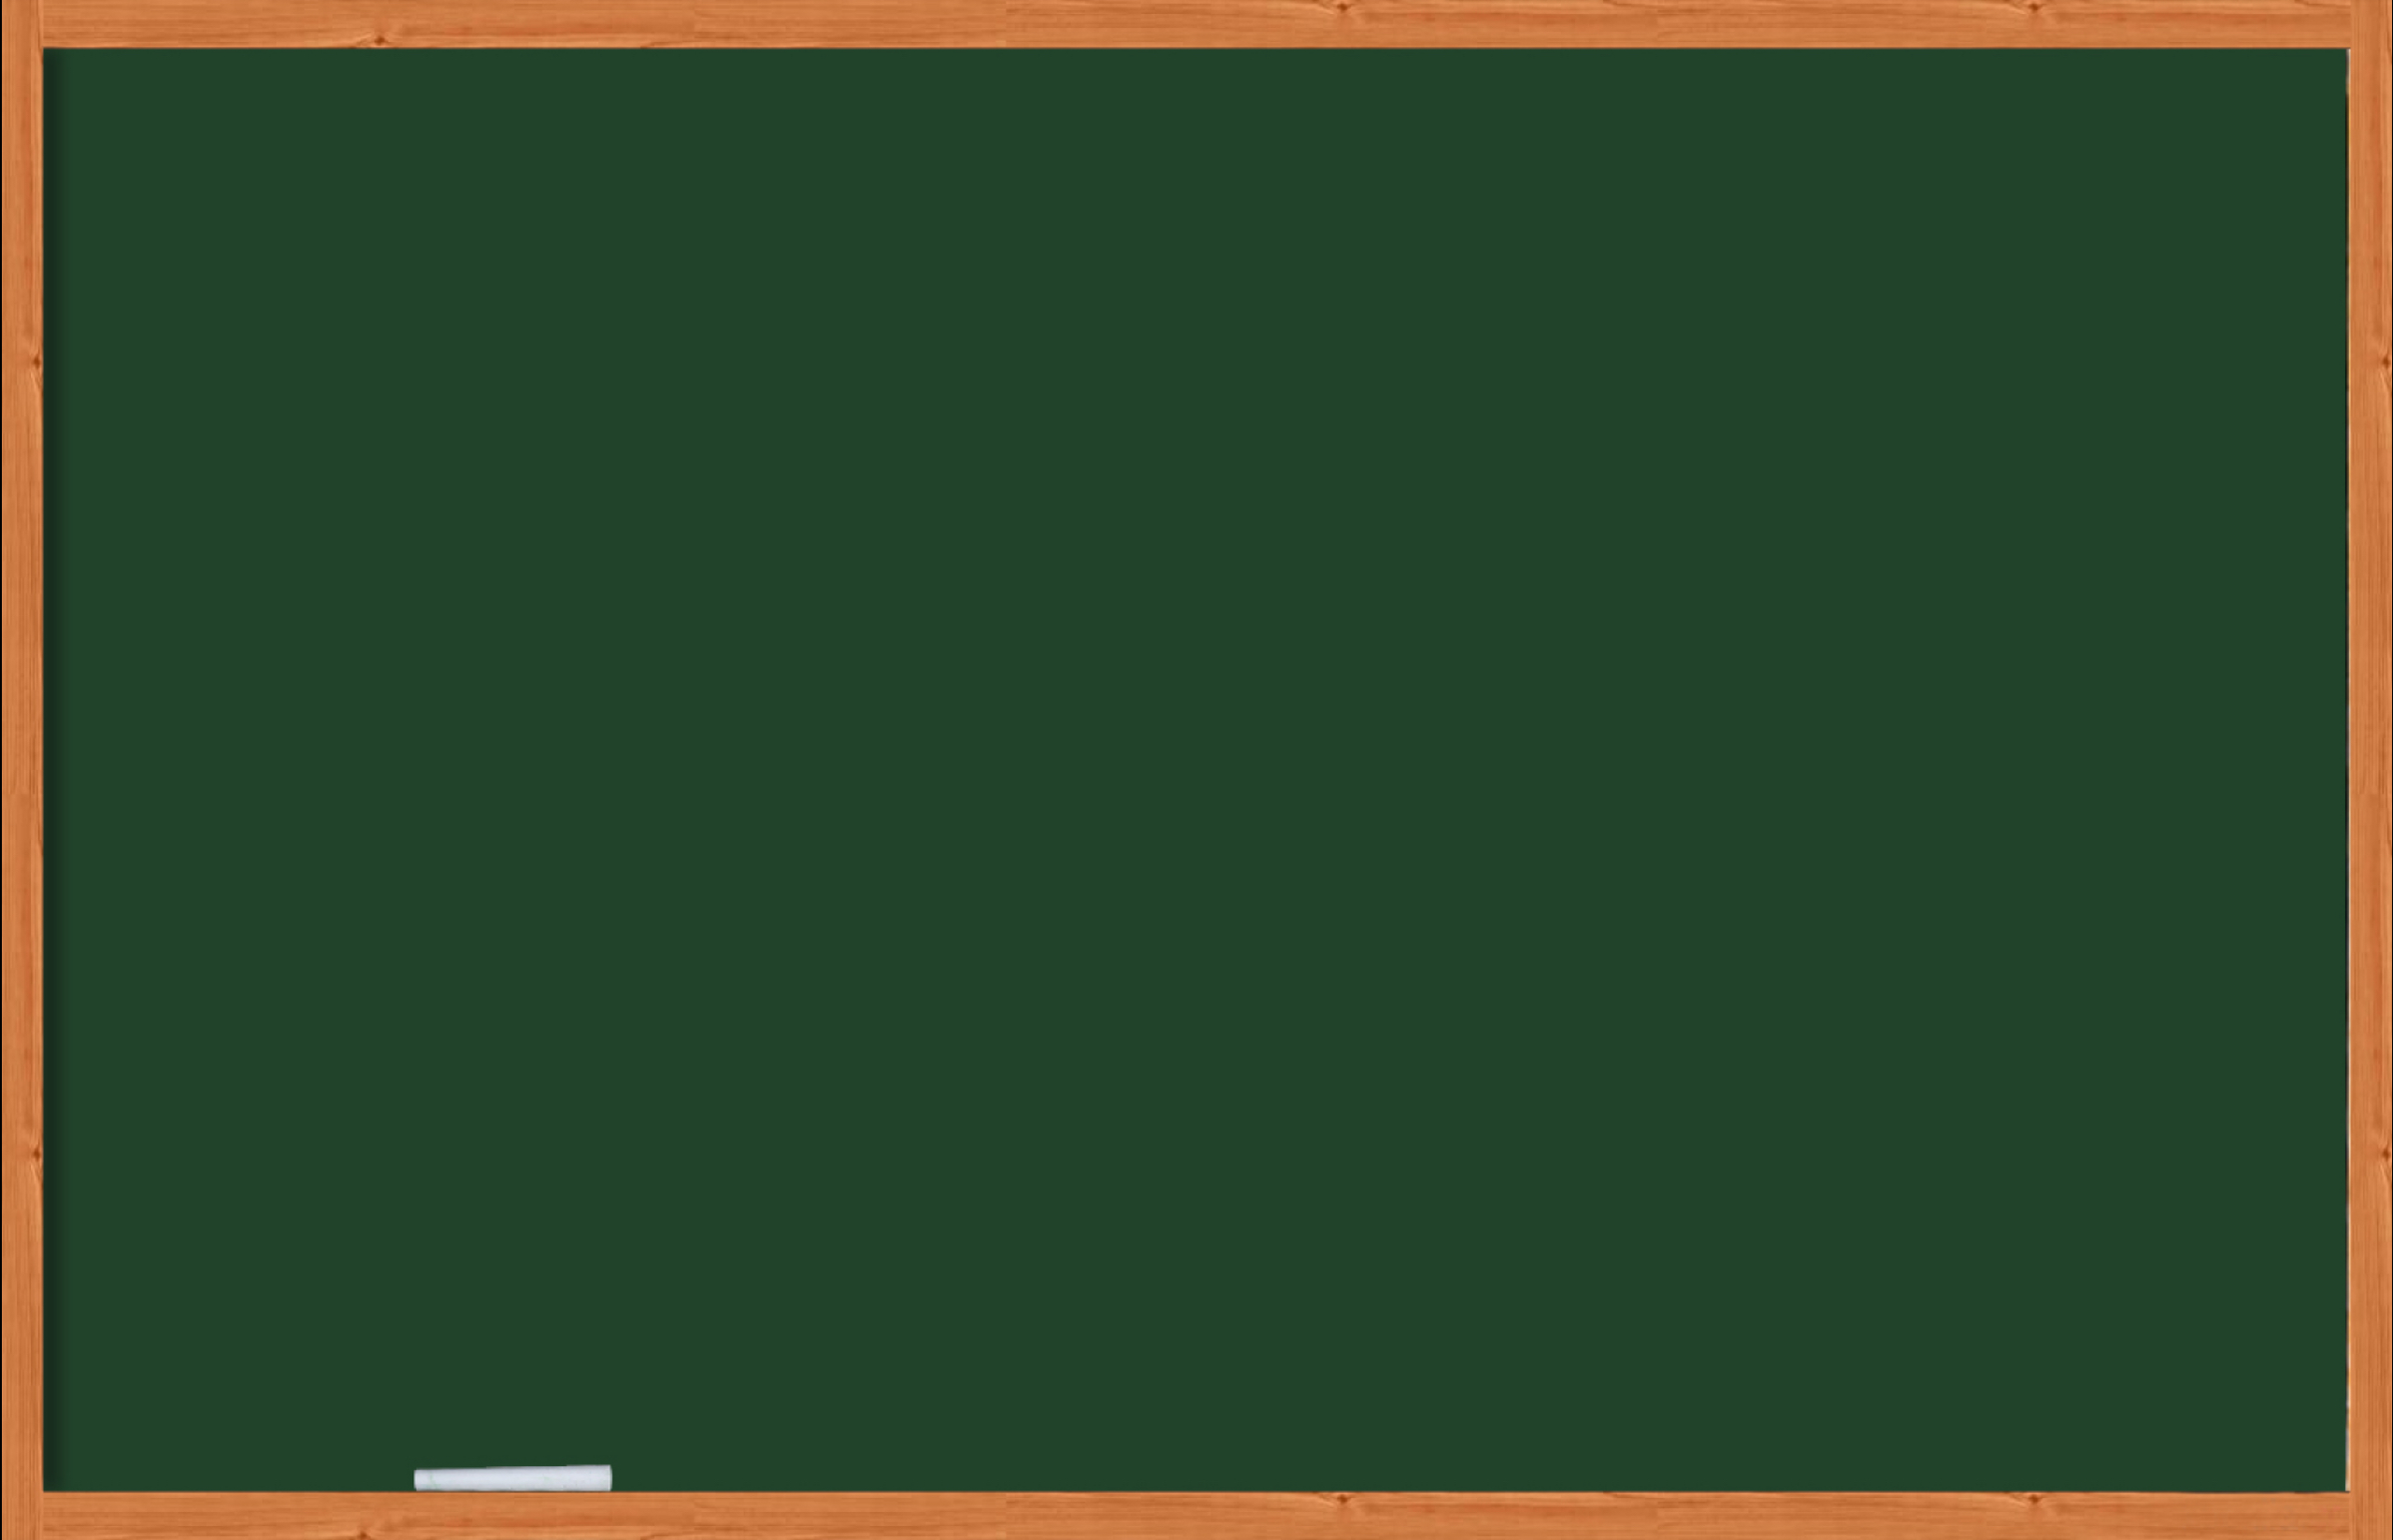 高中数学-函数单调性-虎斑教育